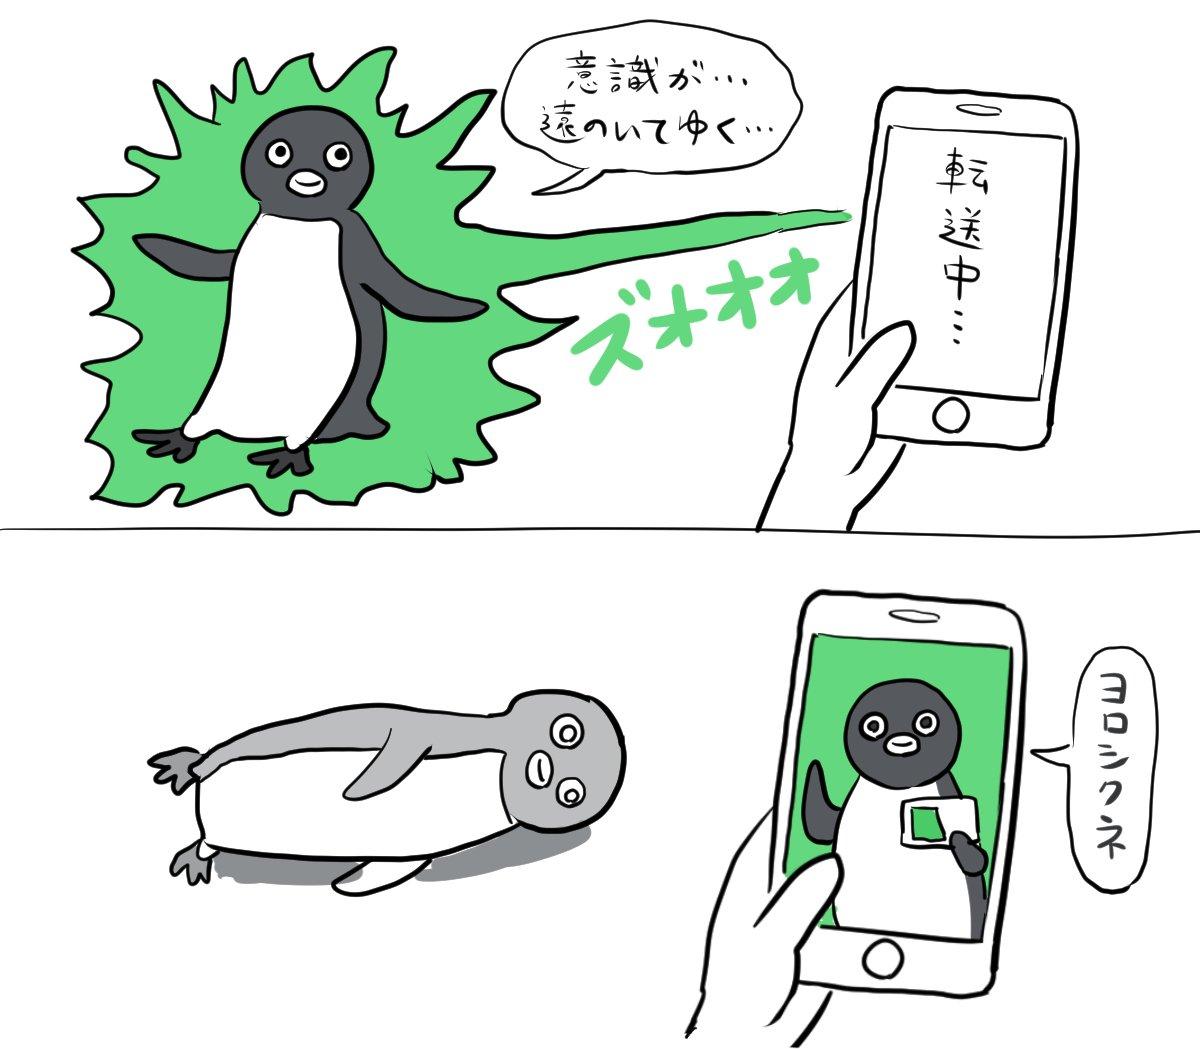 ぬまがさワタリ@『ゆかいないきもの㊙図鑑』発売中&京都水族館コラボ中!さんの投稿画像